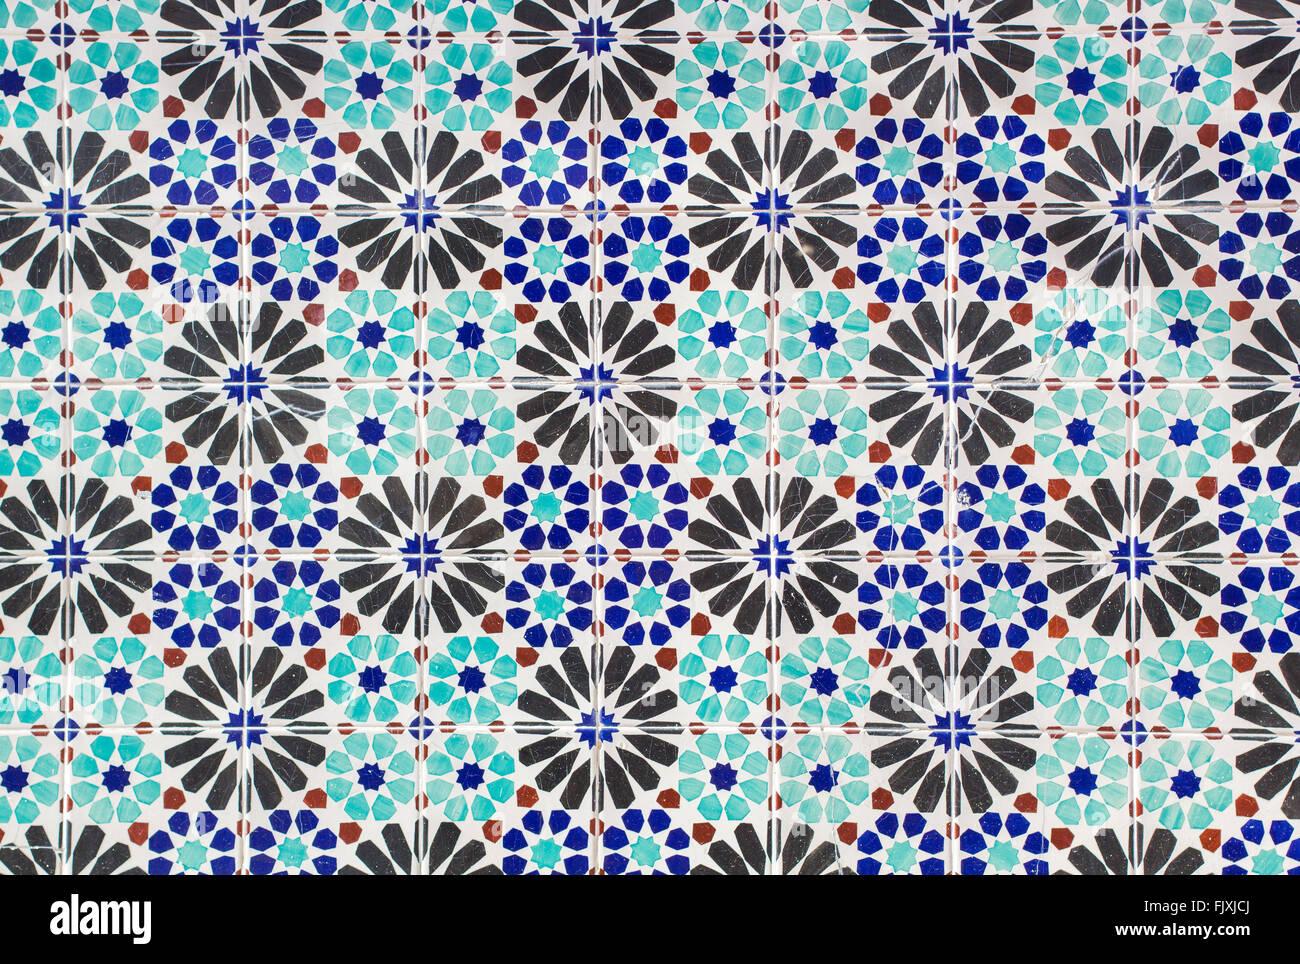 Keramische Fliesen Muster In Blau Turkis Und Schwarz Stockfoto Bild